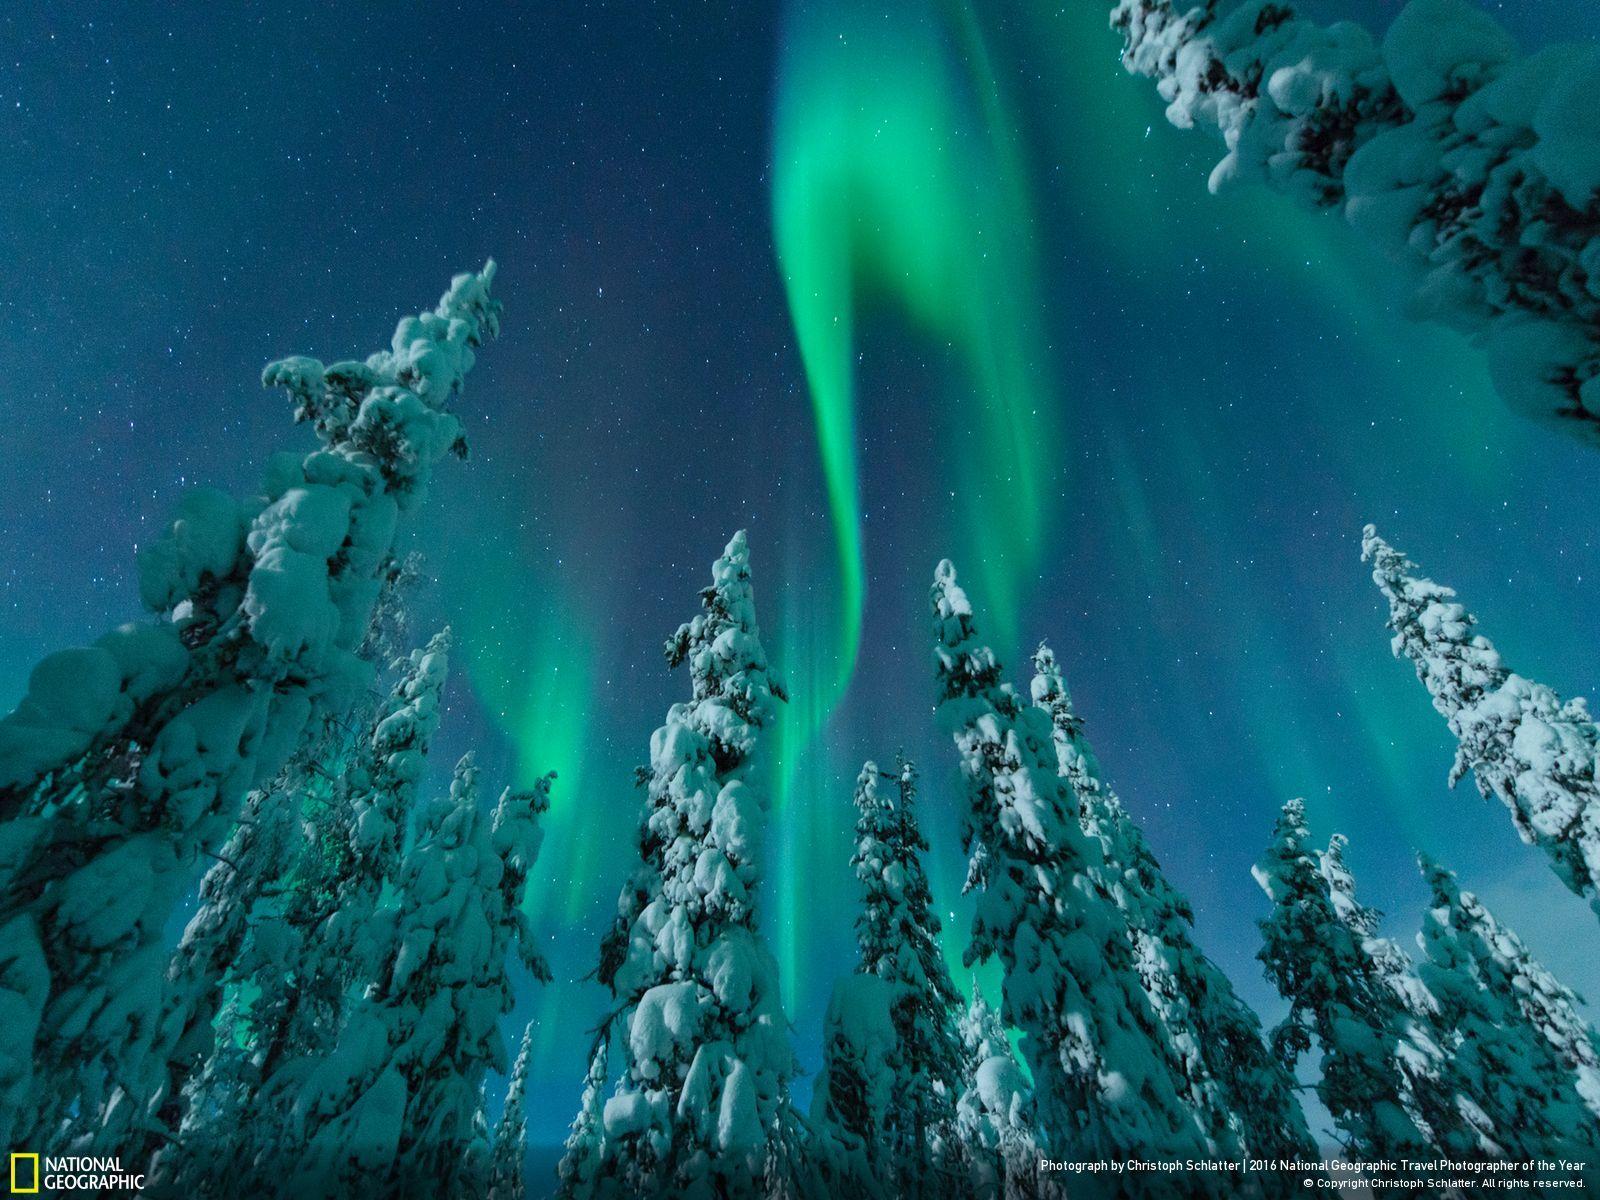 melhores fotos de viagem national geographic_49